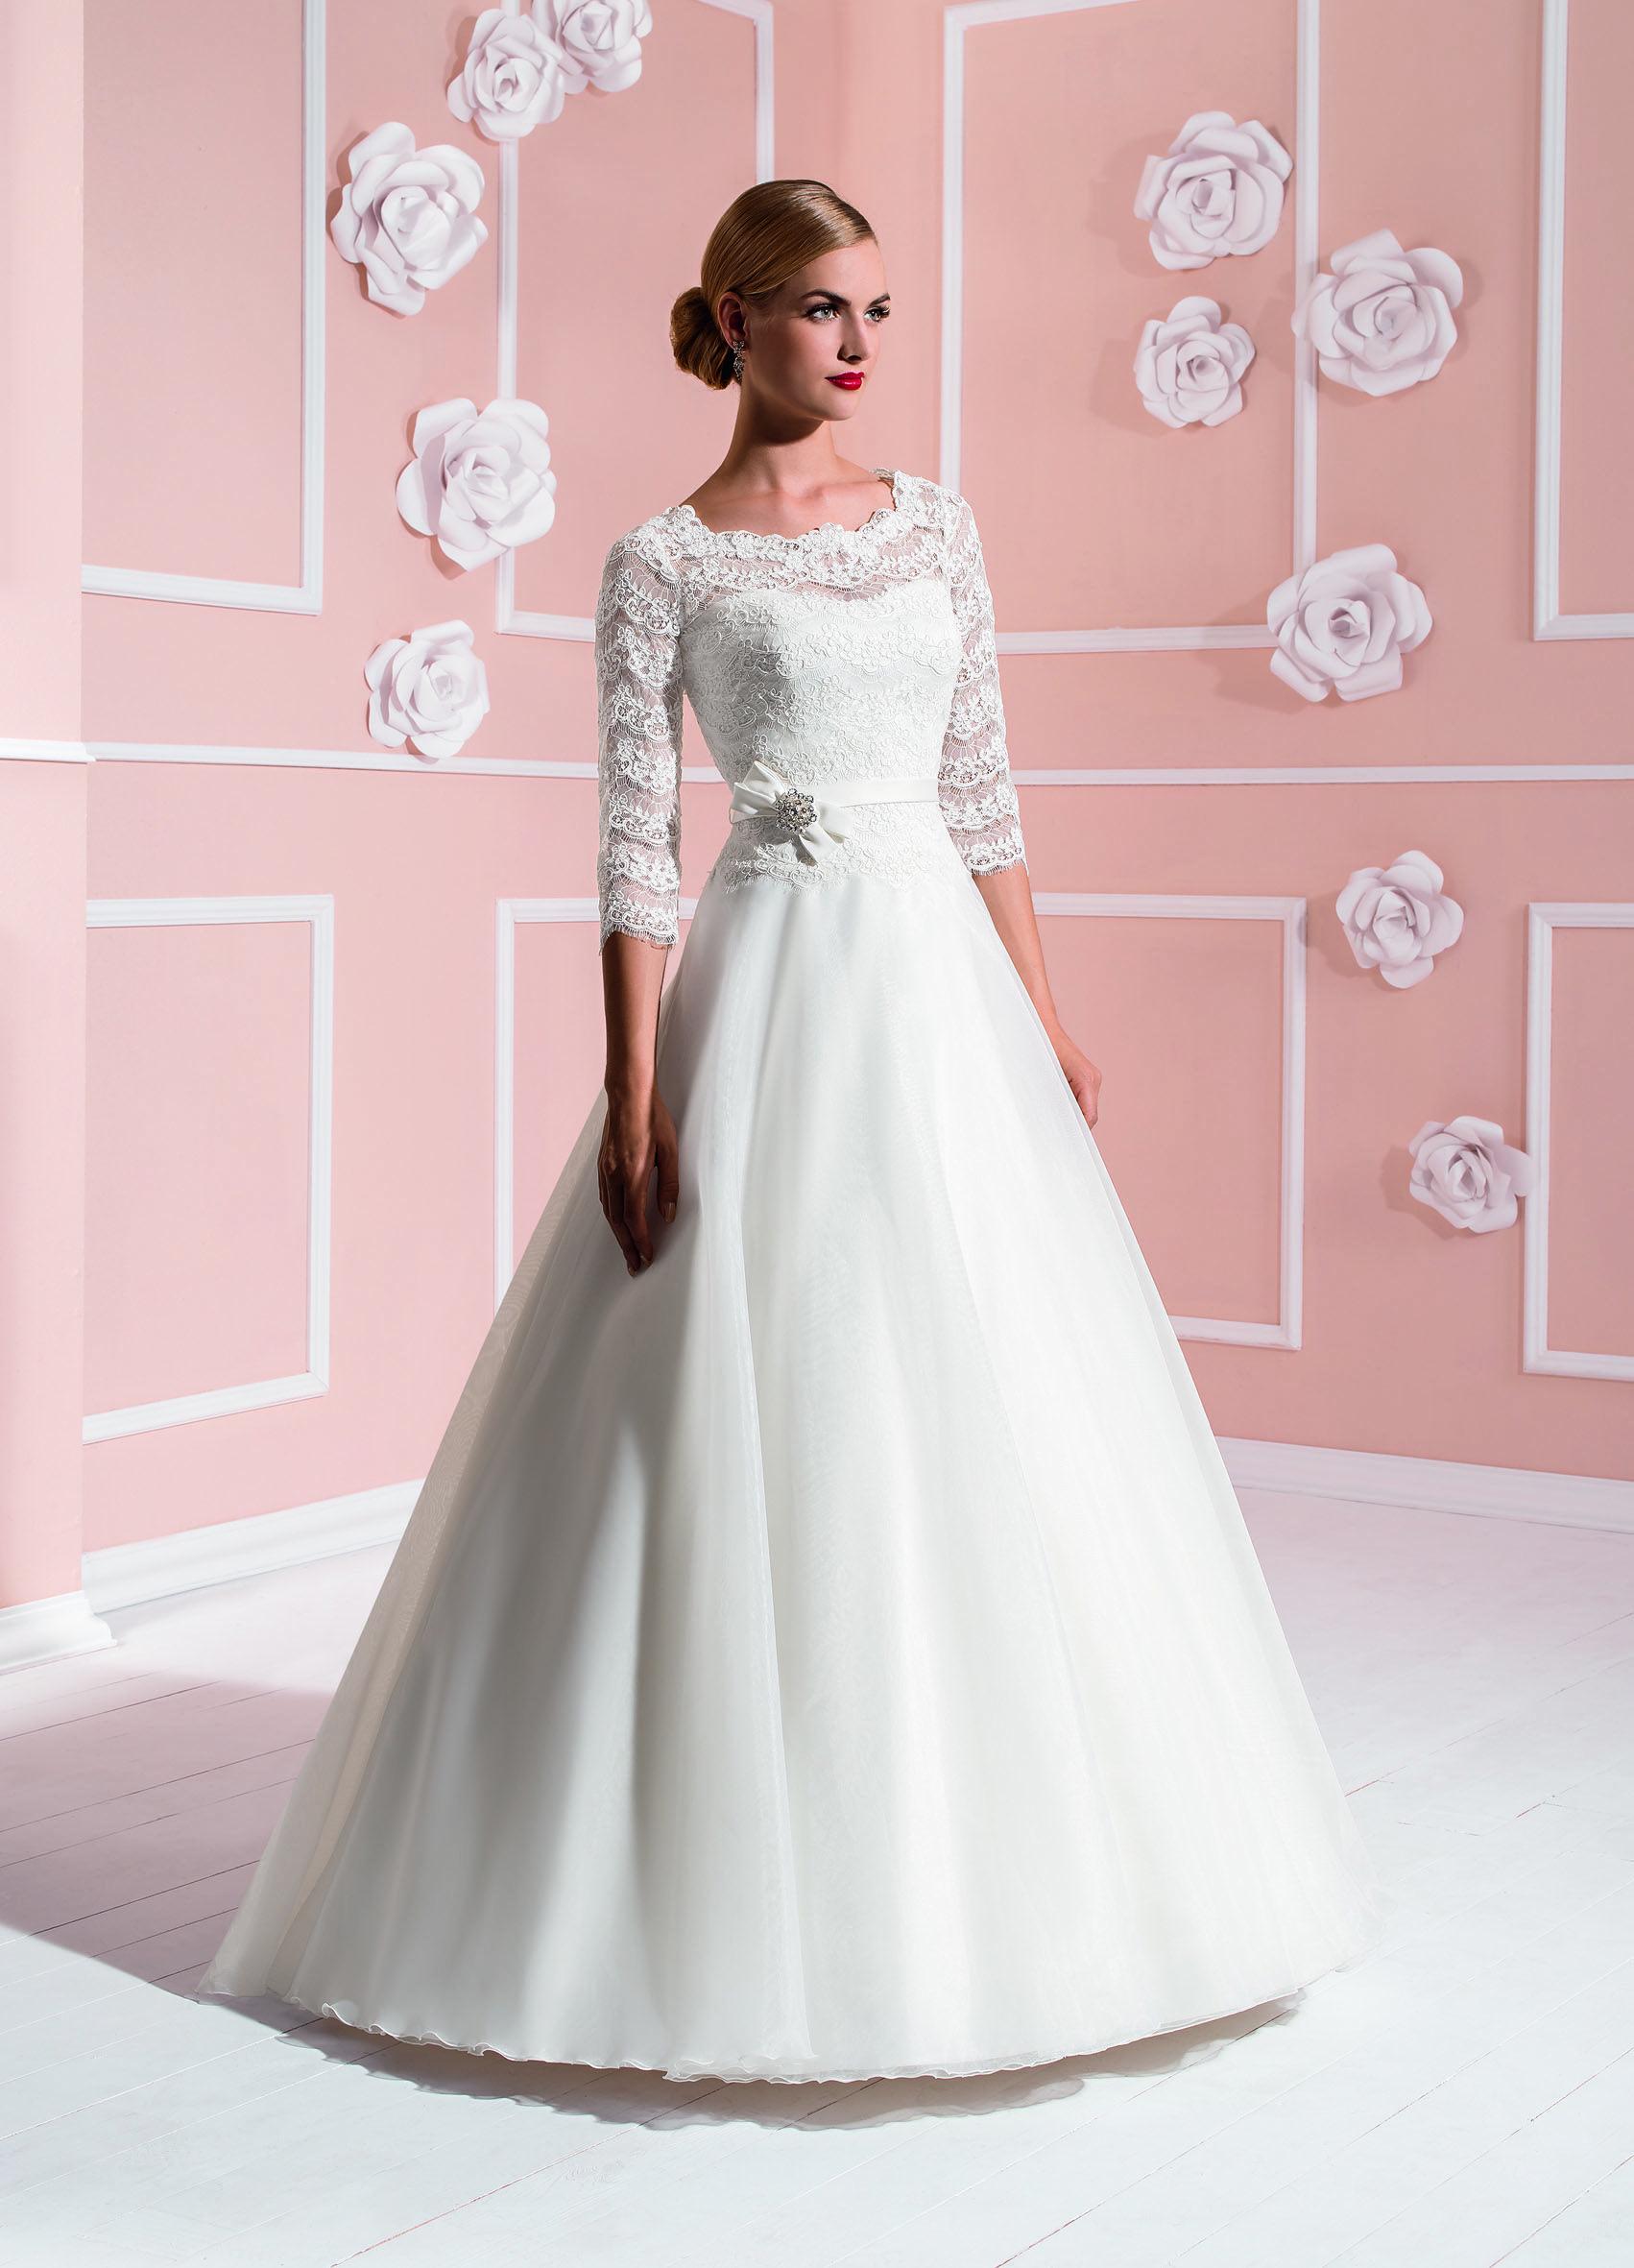 Brautkleid mit Ärmel aus der Kollektion 2015 von Elizabeth Passion ...